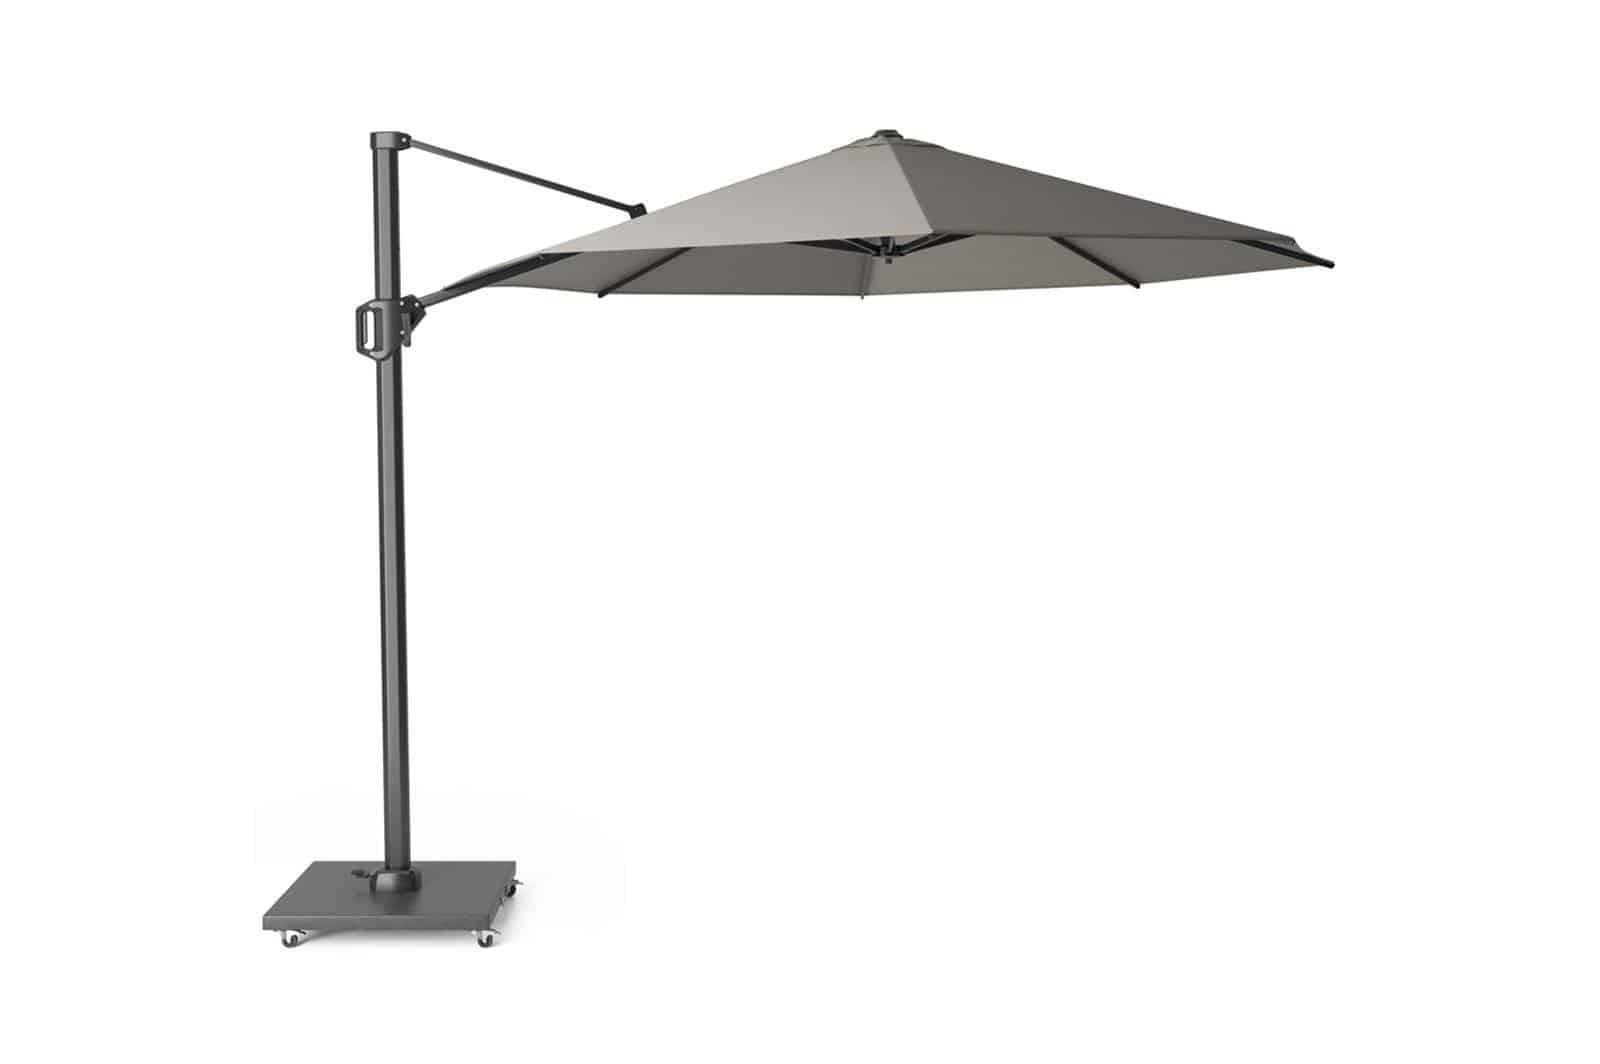 Садовый зонт Challenger T¹ Premium Ø 3,5 м